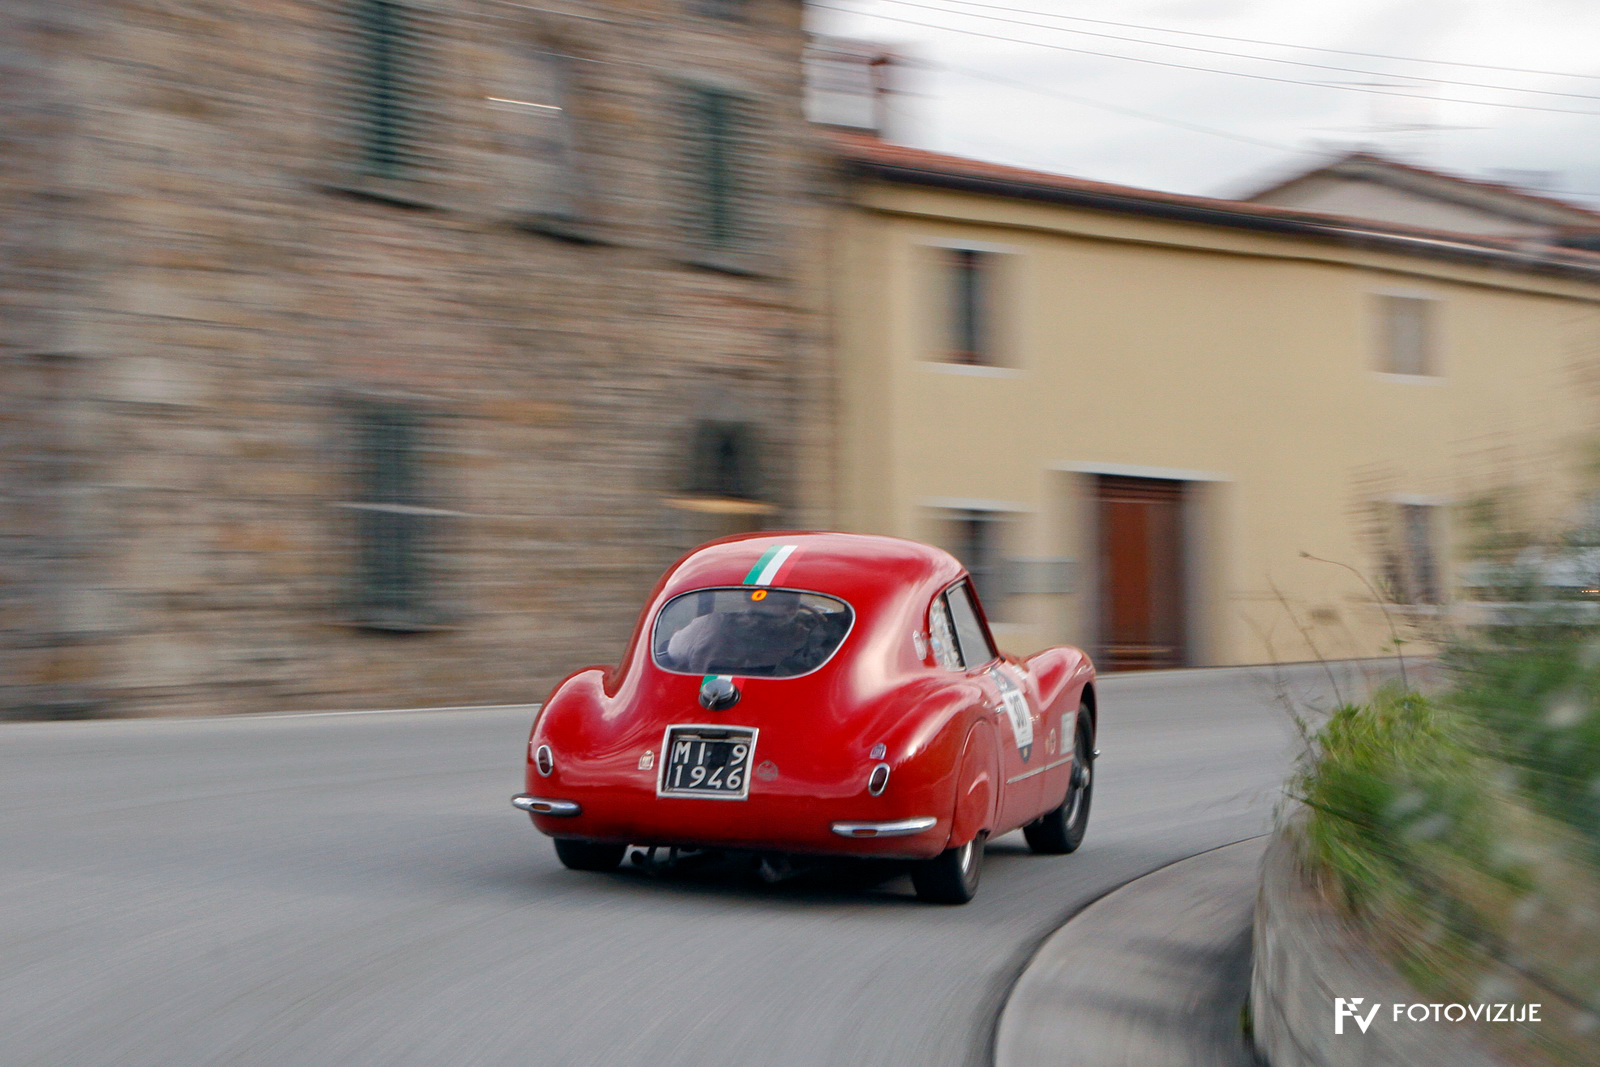 Originalen in lepo aerodinamično oblikovani Fiat 8V.